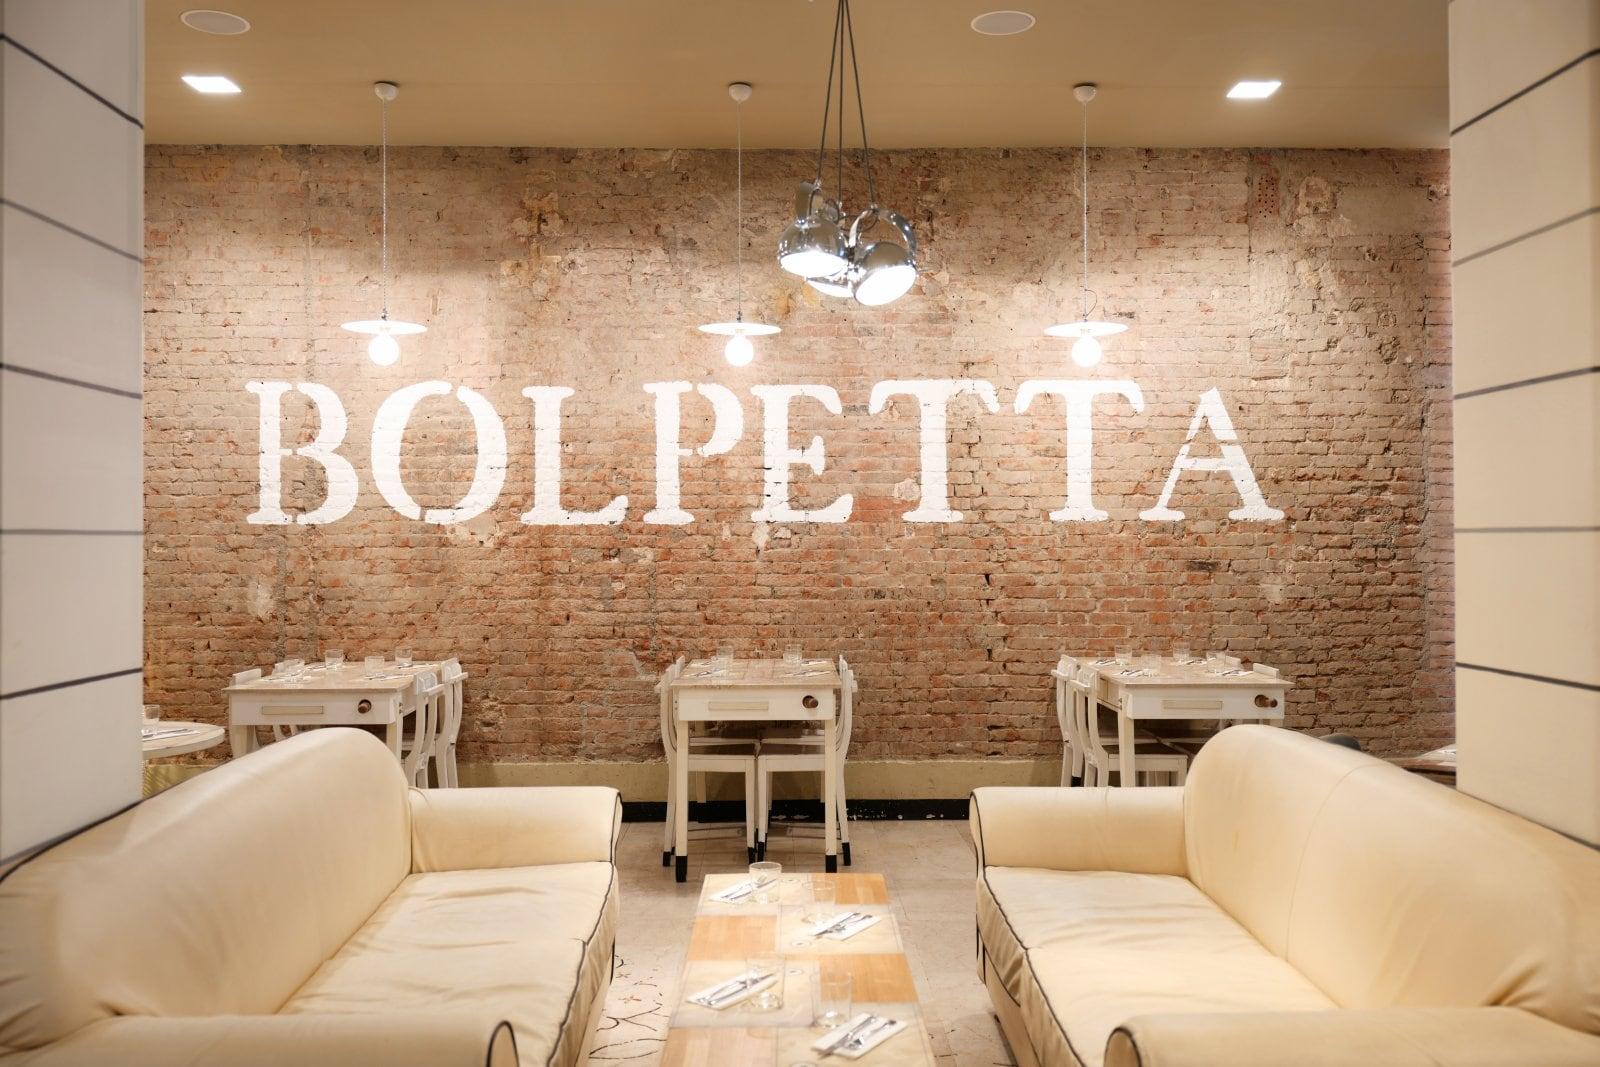 polpetta, Bolpetta, Bologna